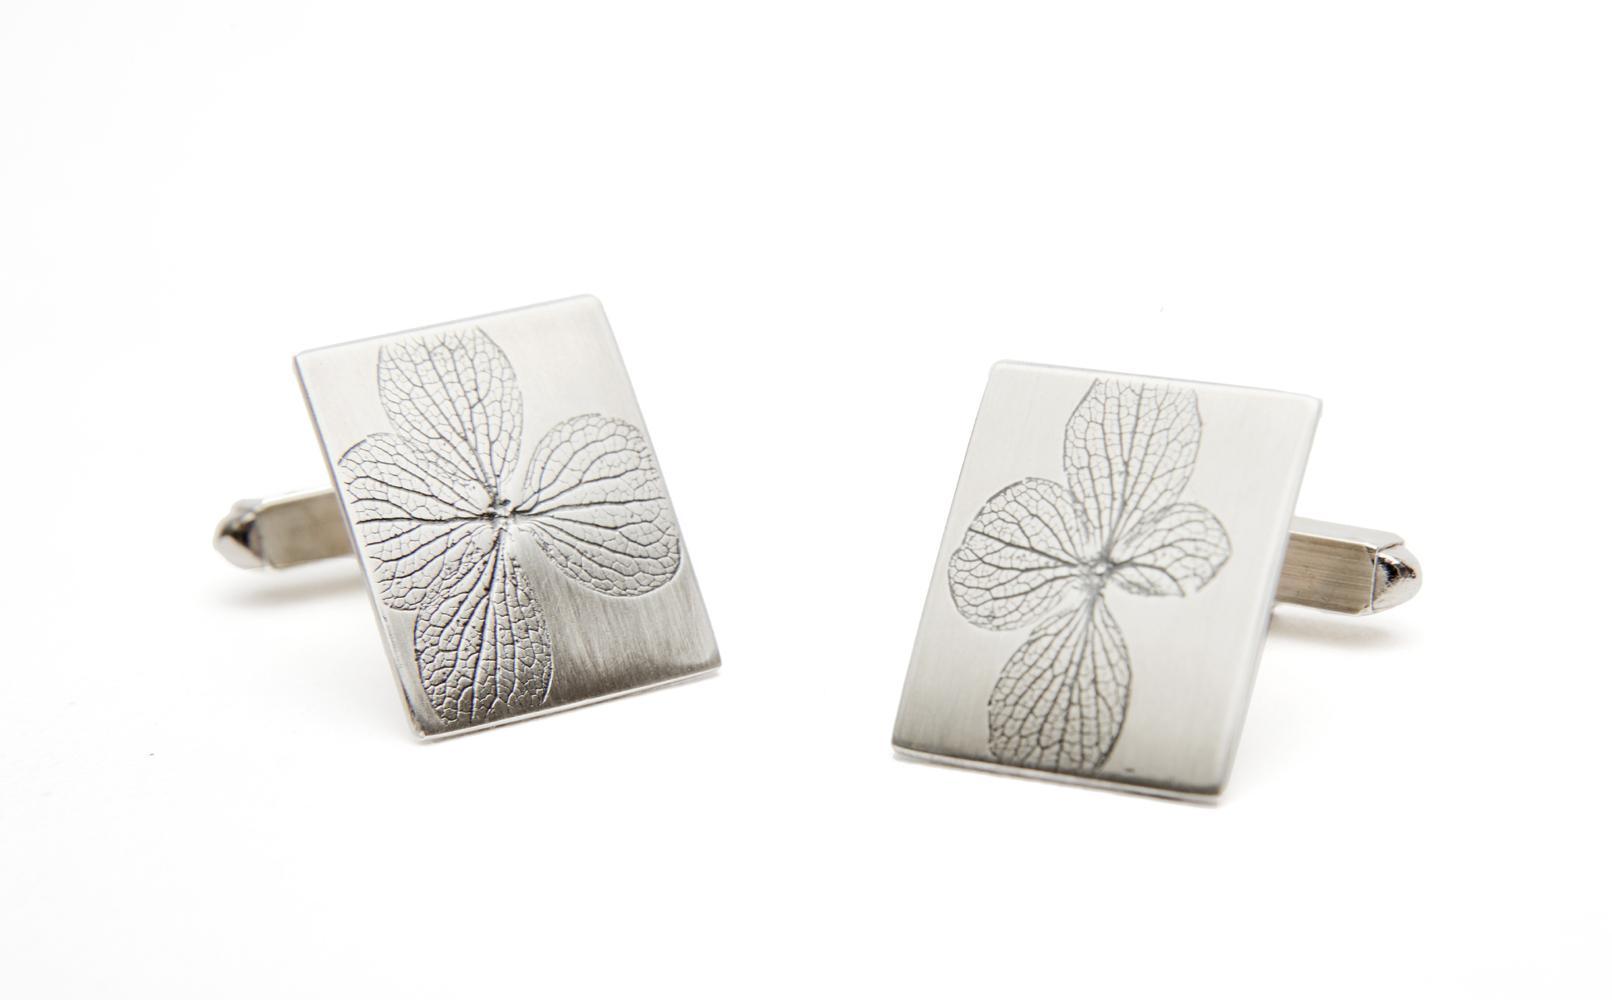 cufflinks manchetteknopen boutons de manchette zilver silver gold